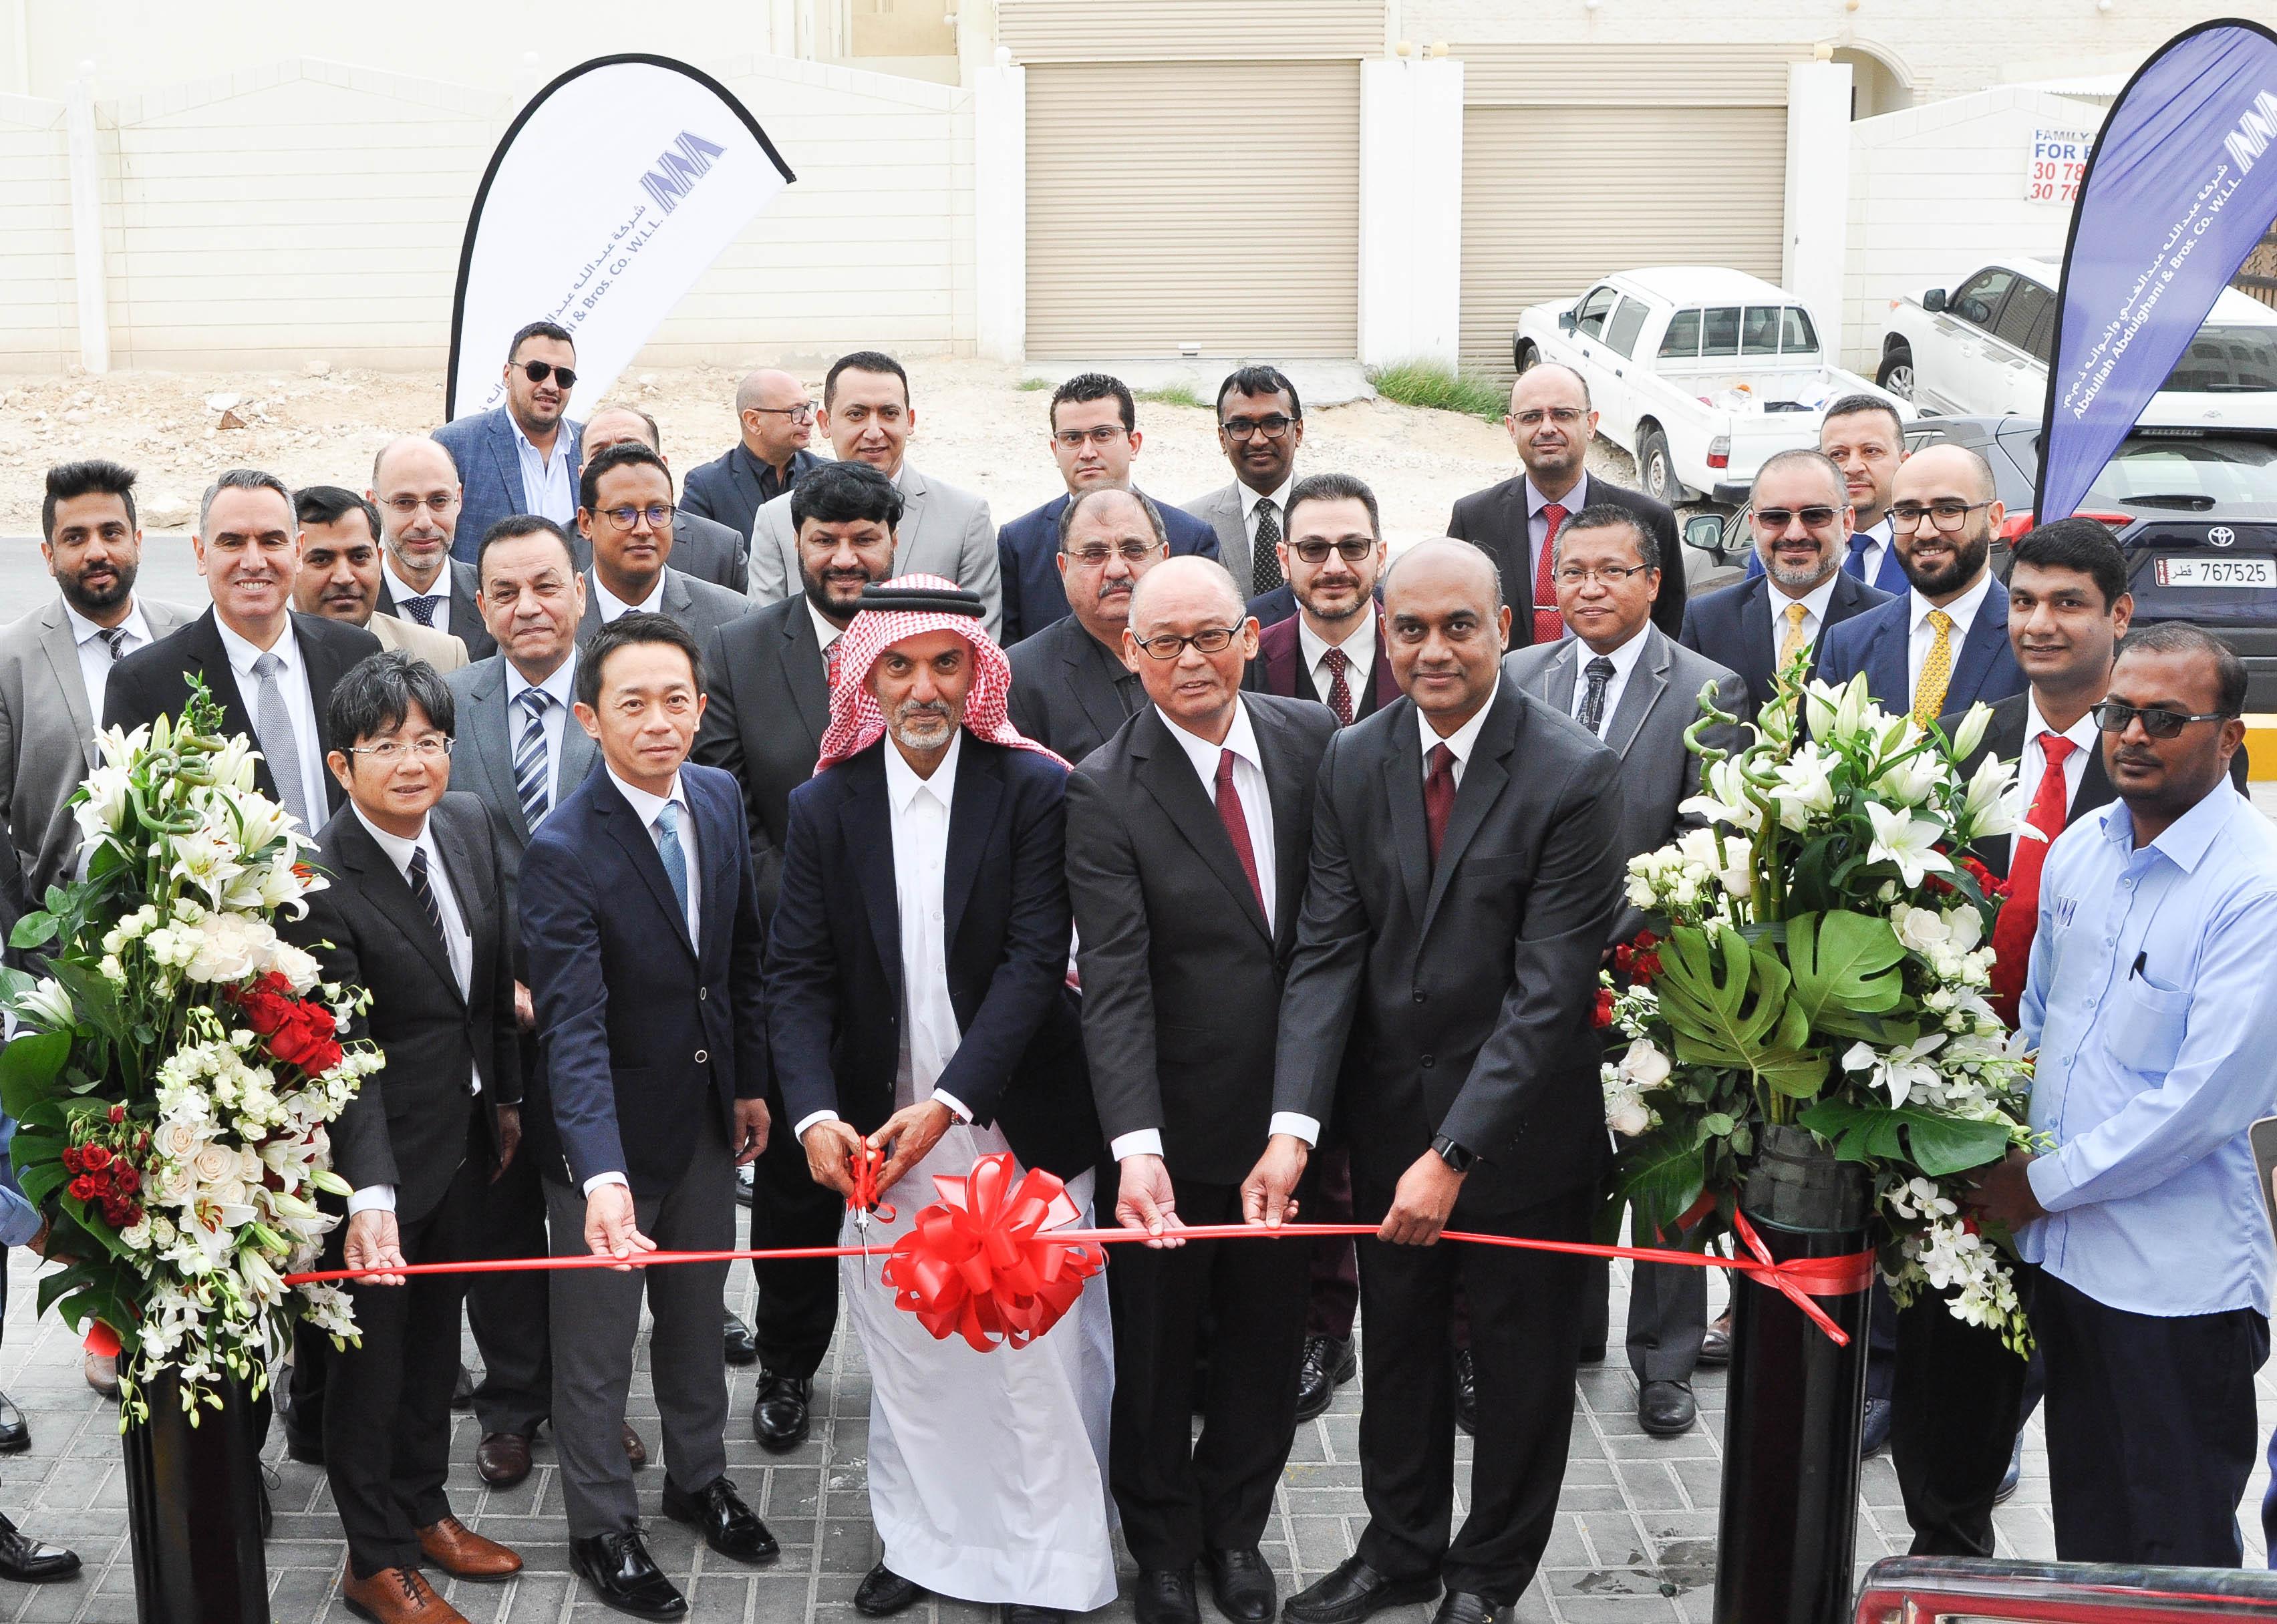 شركة عبدالله عبدالغني وإخوانه تفتتح مركز الخور للخدمة السريعة